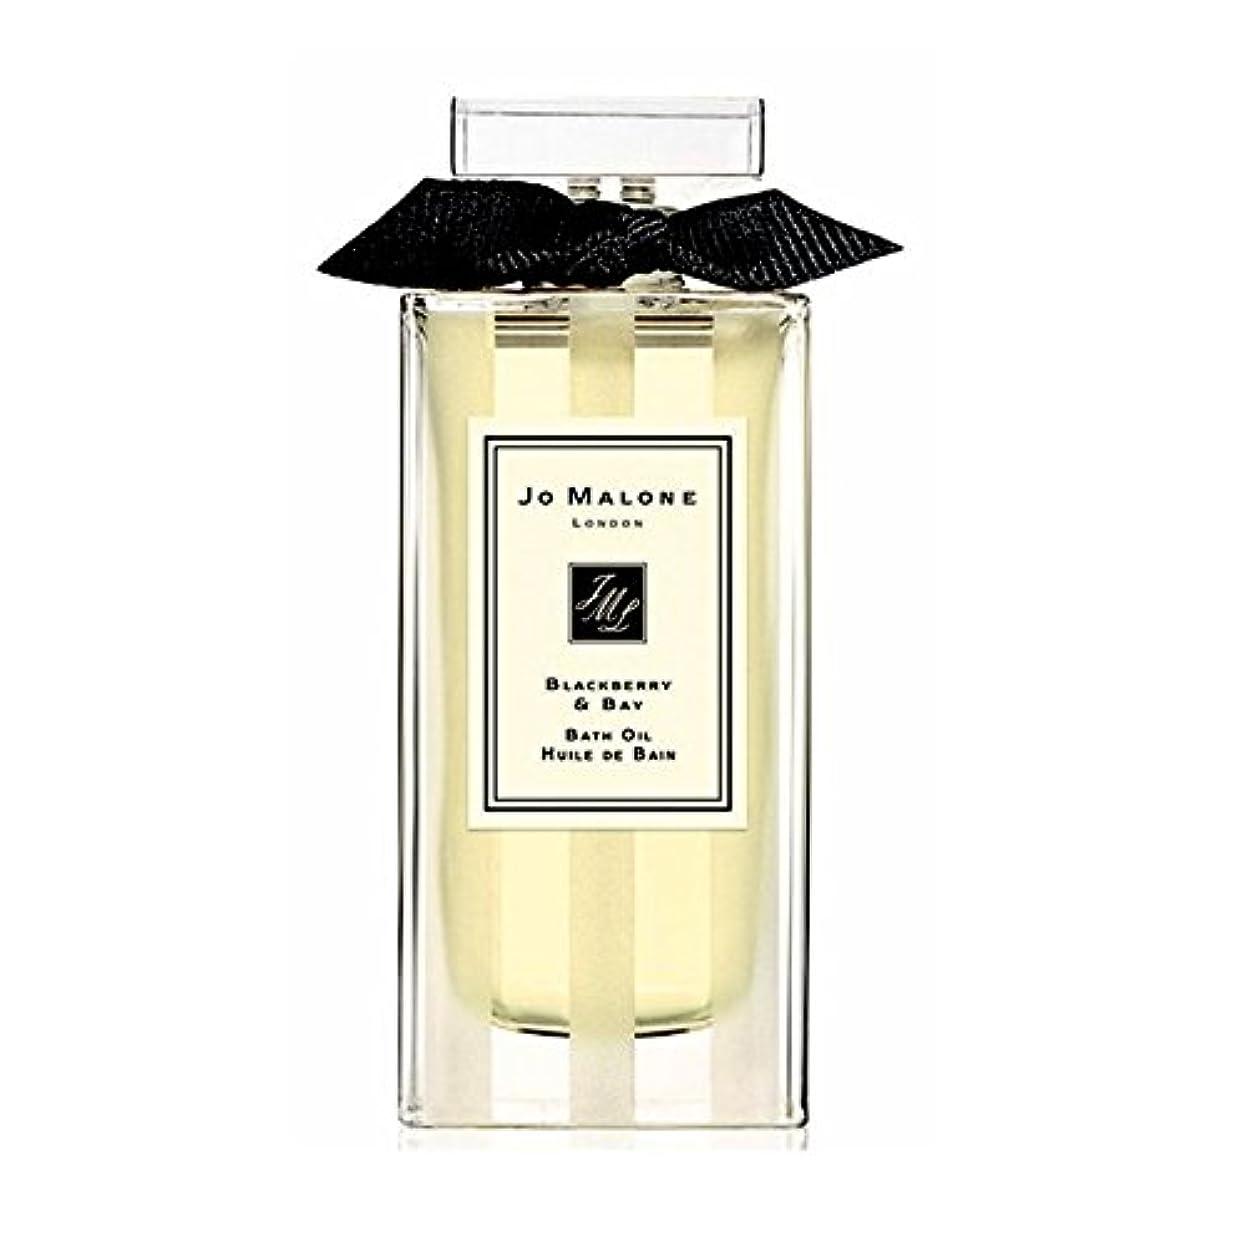 予報豪華な聖書Jo Maloneジョーマローン, バスオイル -  ブラックベリー&ベイ(30ml)  'Blackberry & Bay ' Bath Oil (1oz) [海外直送品] [並行輸入品]